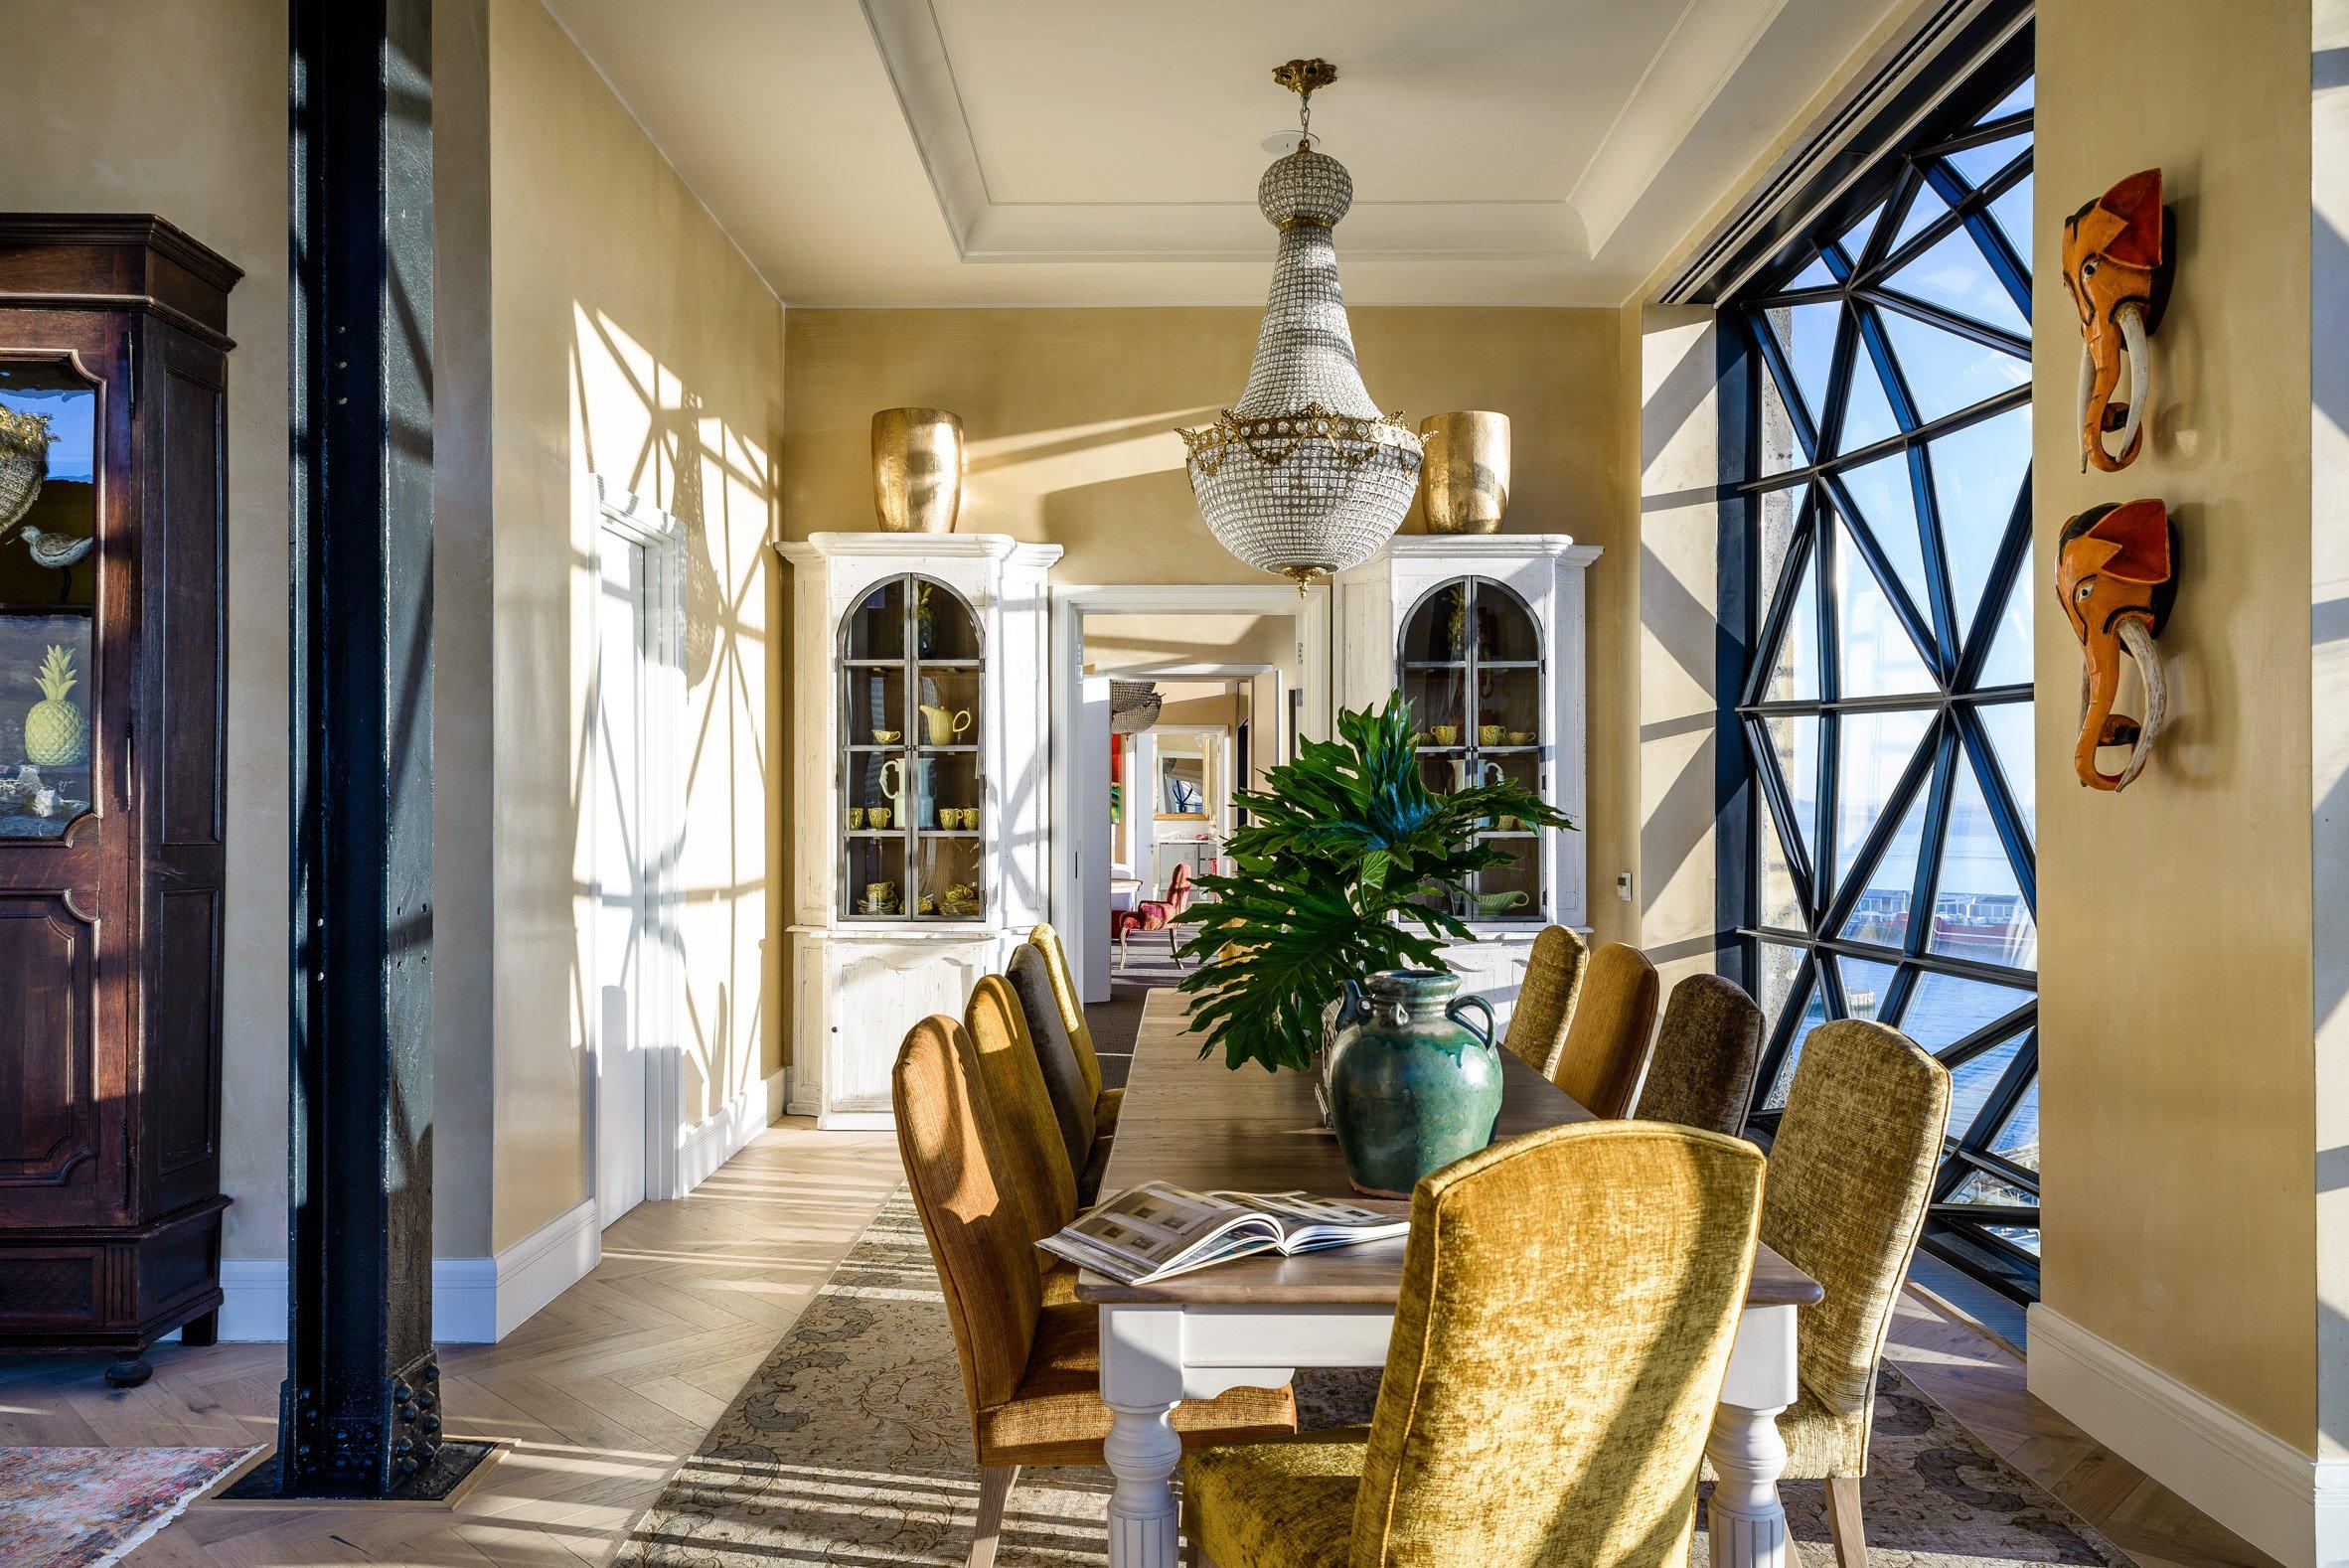 Un particolare dell'ambiente interno / The Royal Portfolio hotel